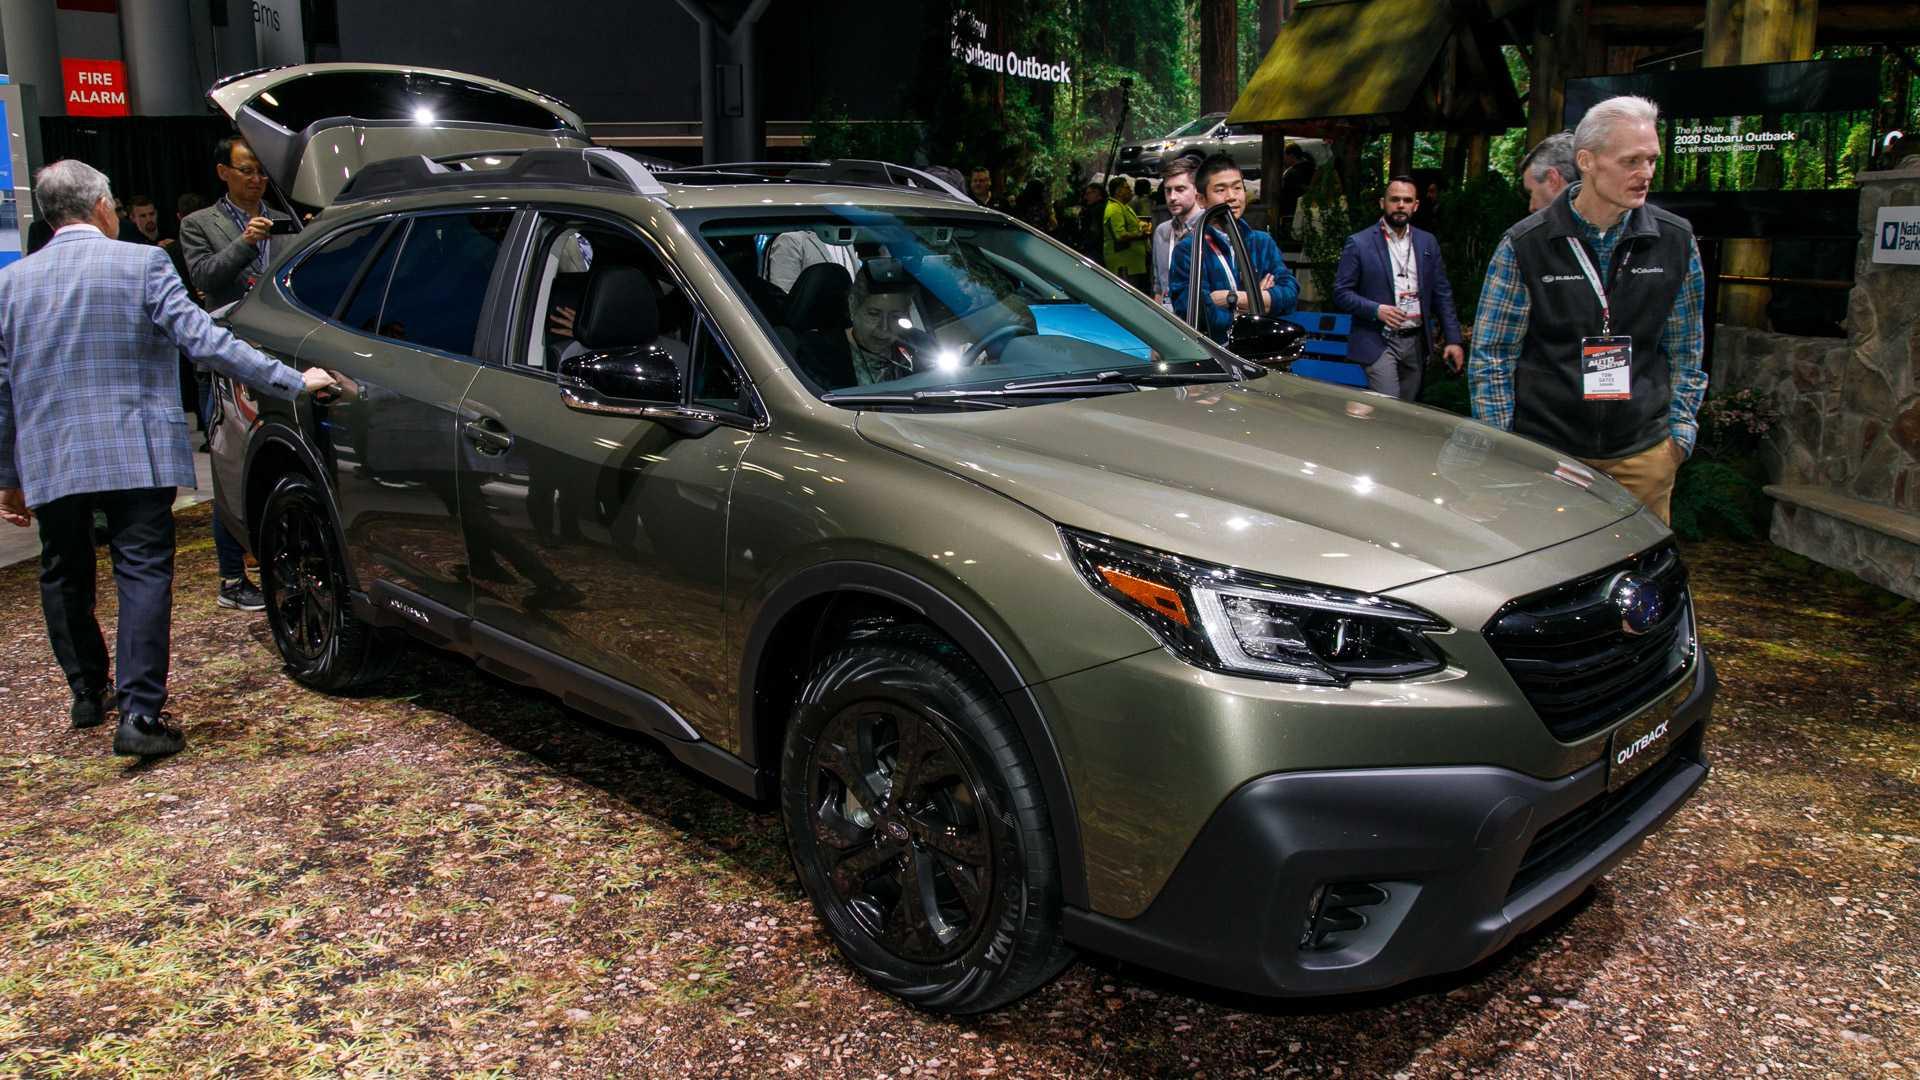 64 Best Review 2020 Subaru Outback Dimensions Rumors for 2020 Subaru Outback Dimensions